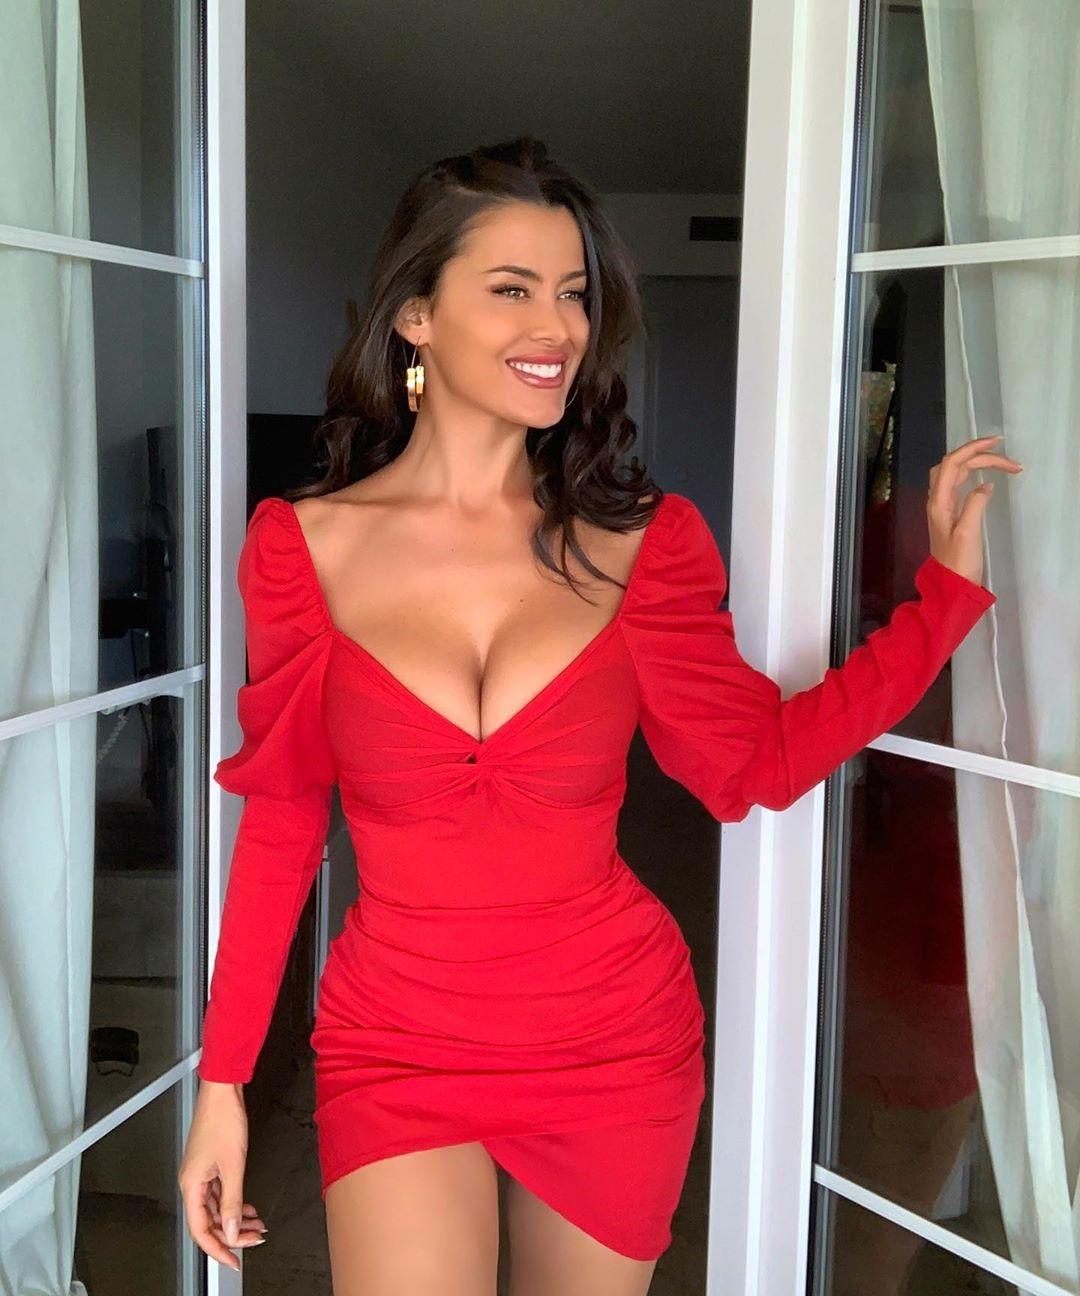 Eva Padlock Red Dress